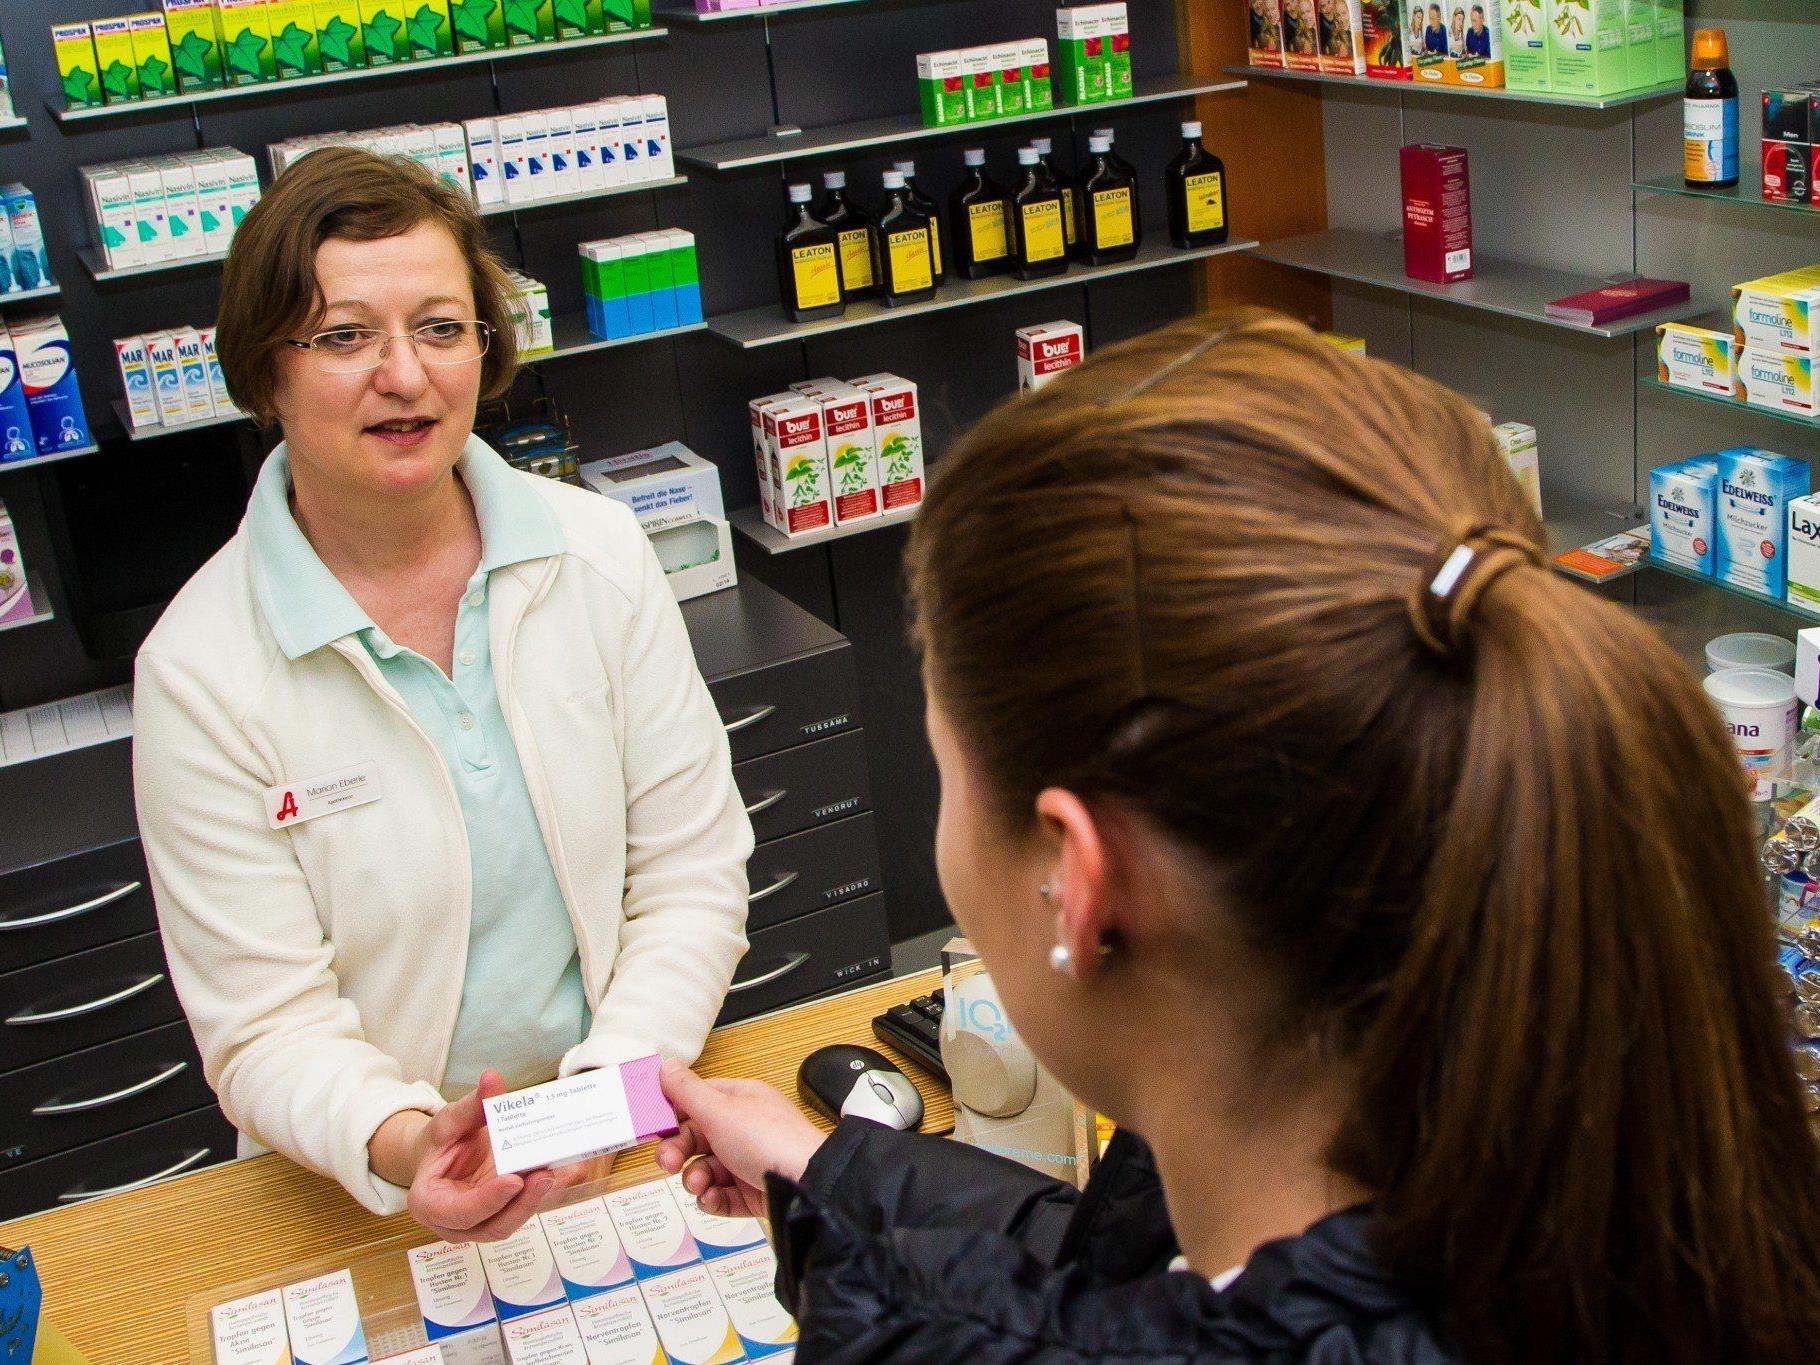 Die Pille danach schützt bis zu 72 Stunden nach ungeschütztem Sex vor einer Schwangerschaft.